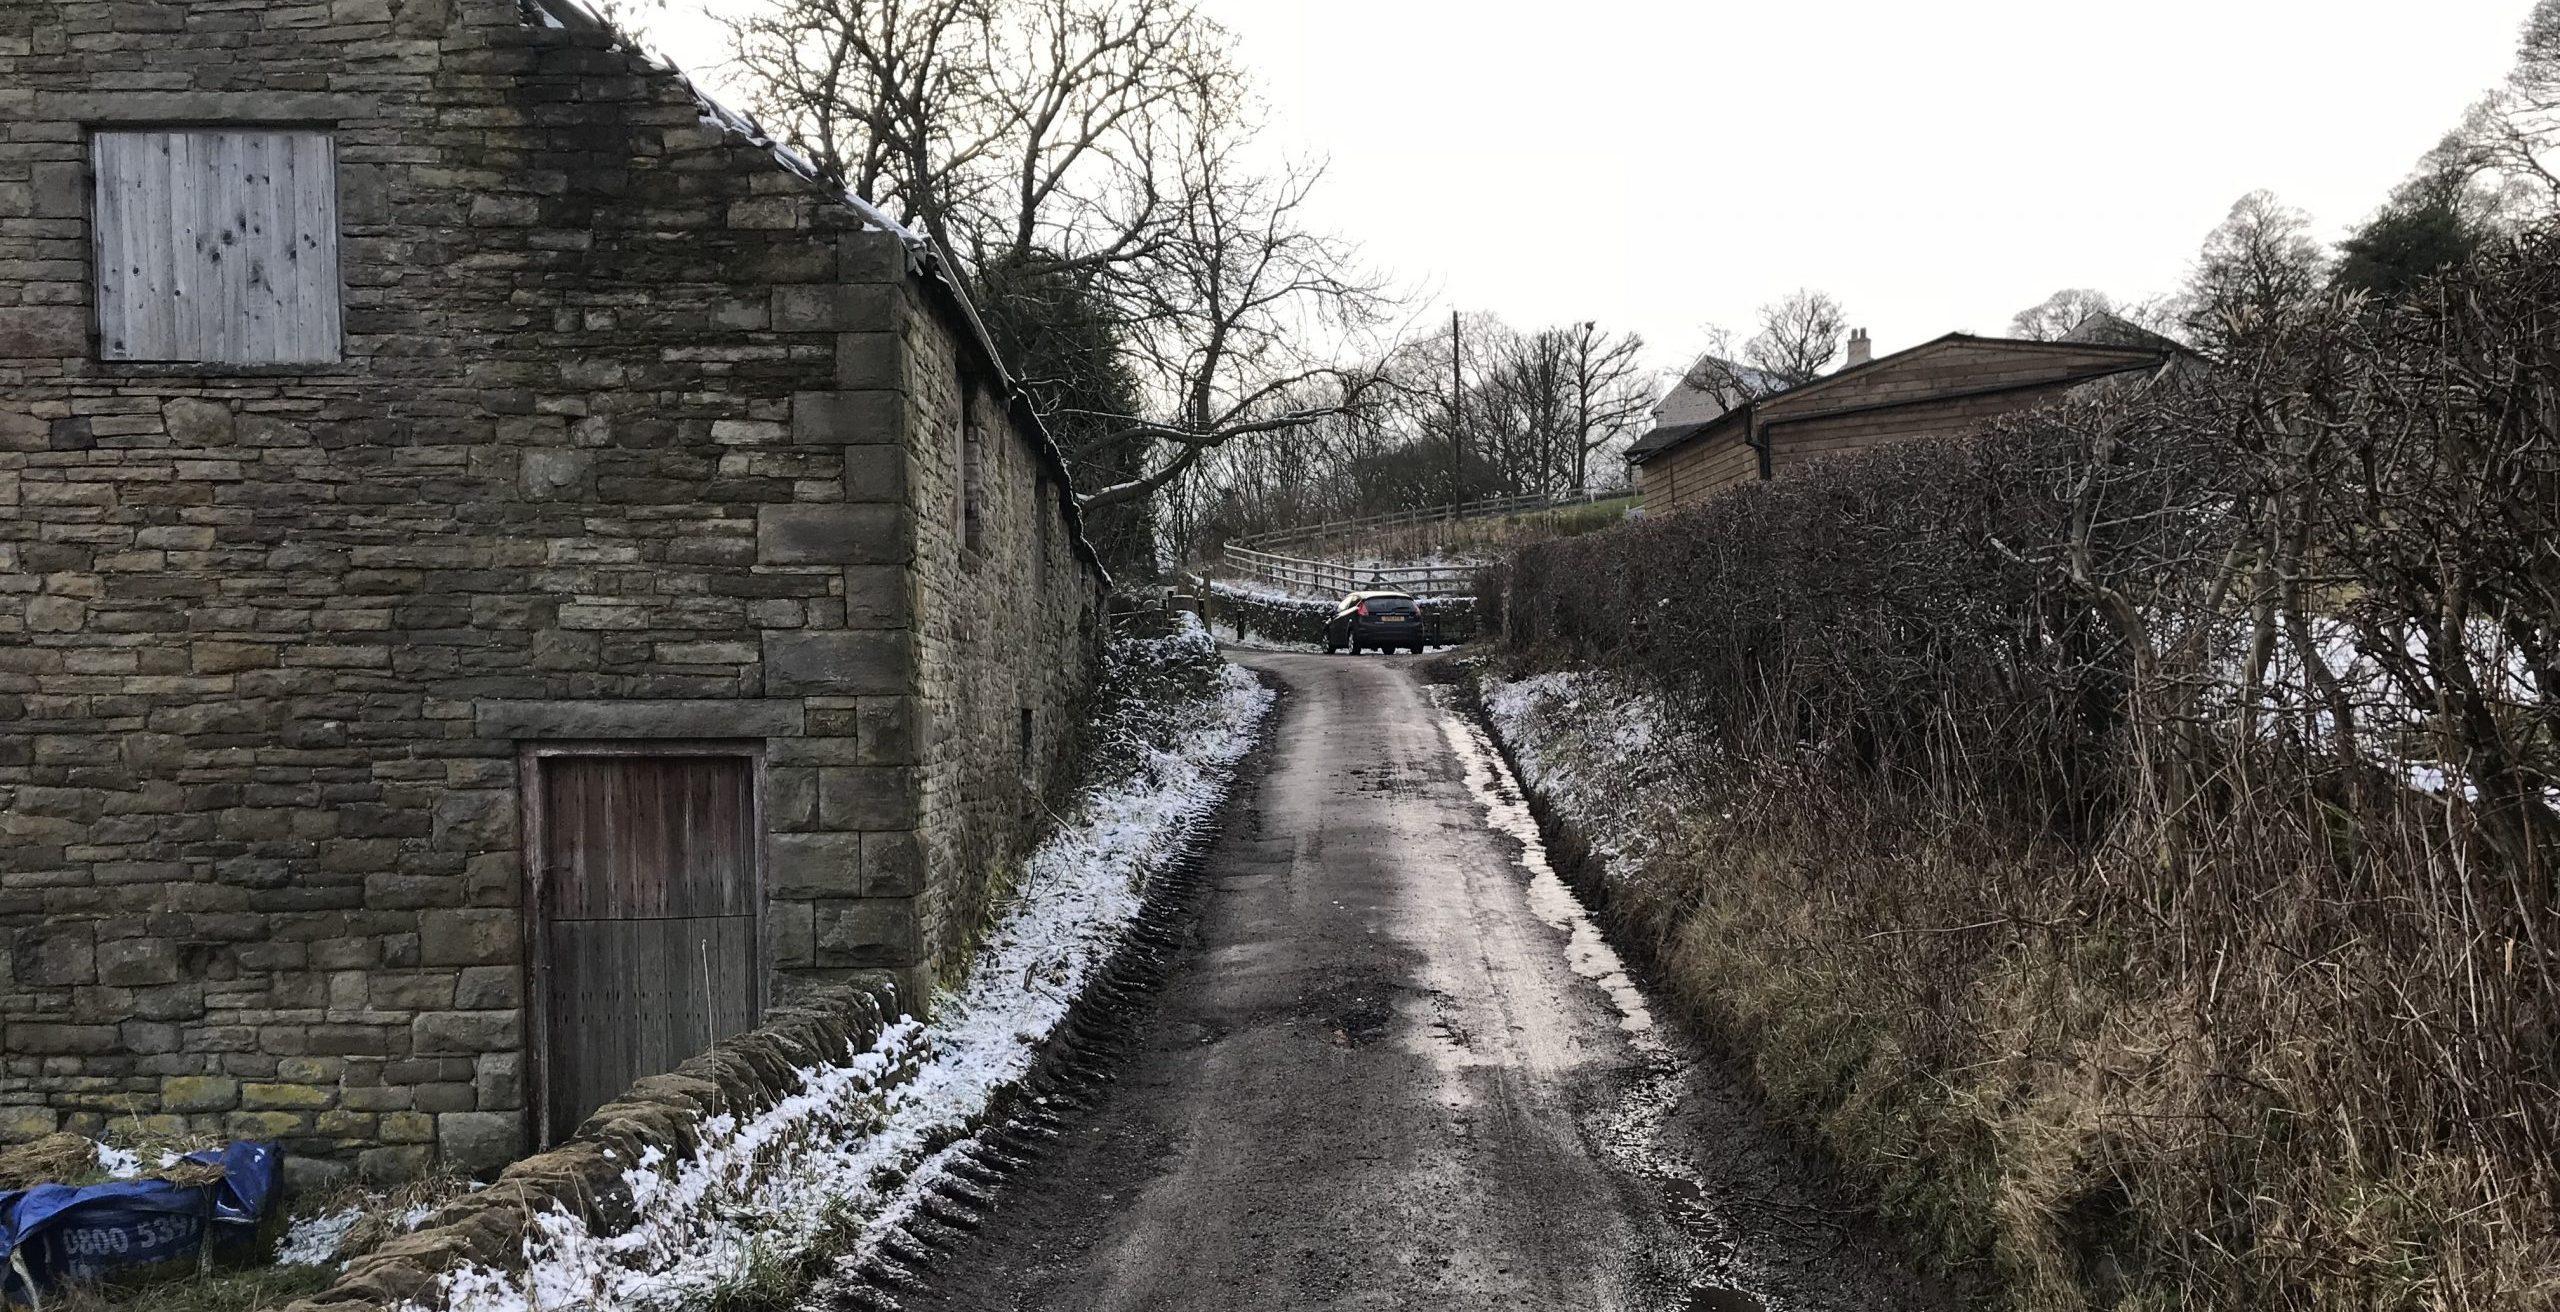 Disley, Cheshire